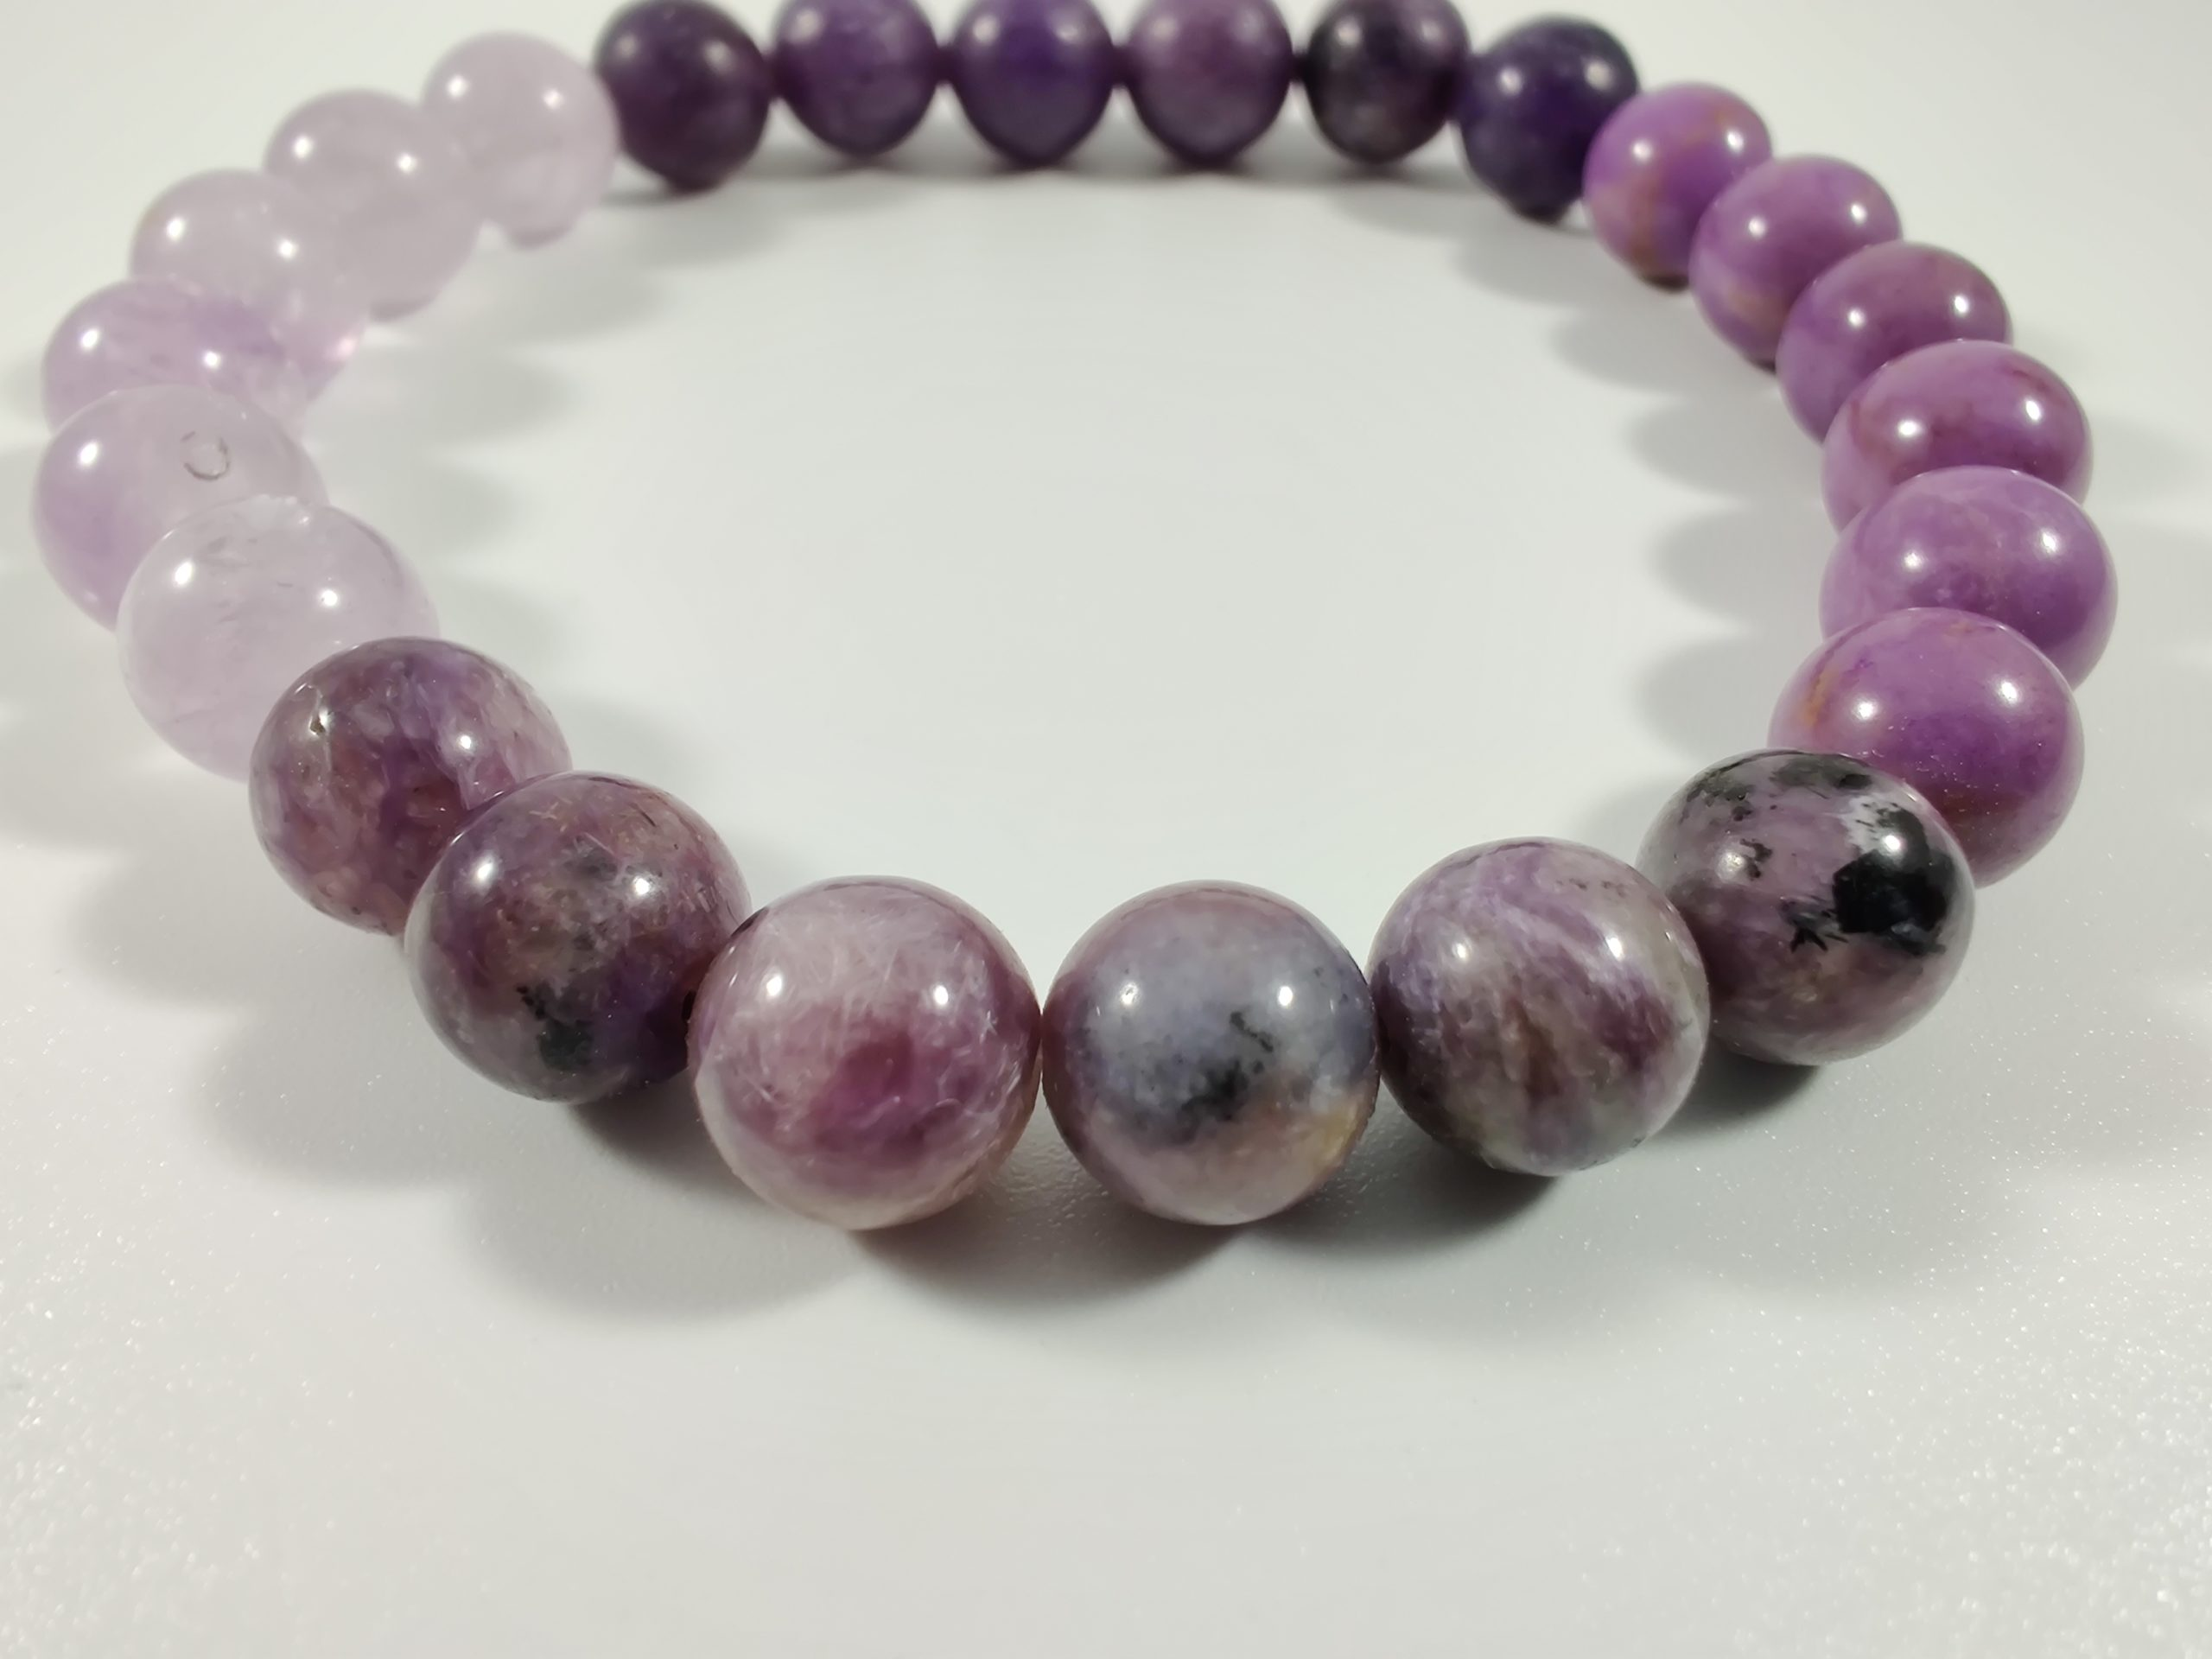 8mm Lepidolite Bracelet Rare Gemstone Bracelet AAA Grade Beaded Bracelet Lepidolite Lavender Jewelry,Gemstone Jewelry,Lepidolite Jewelry